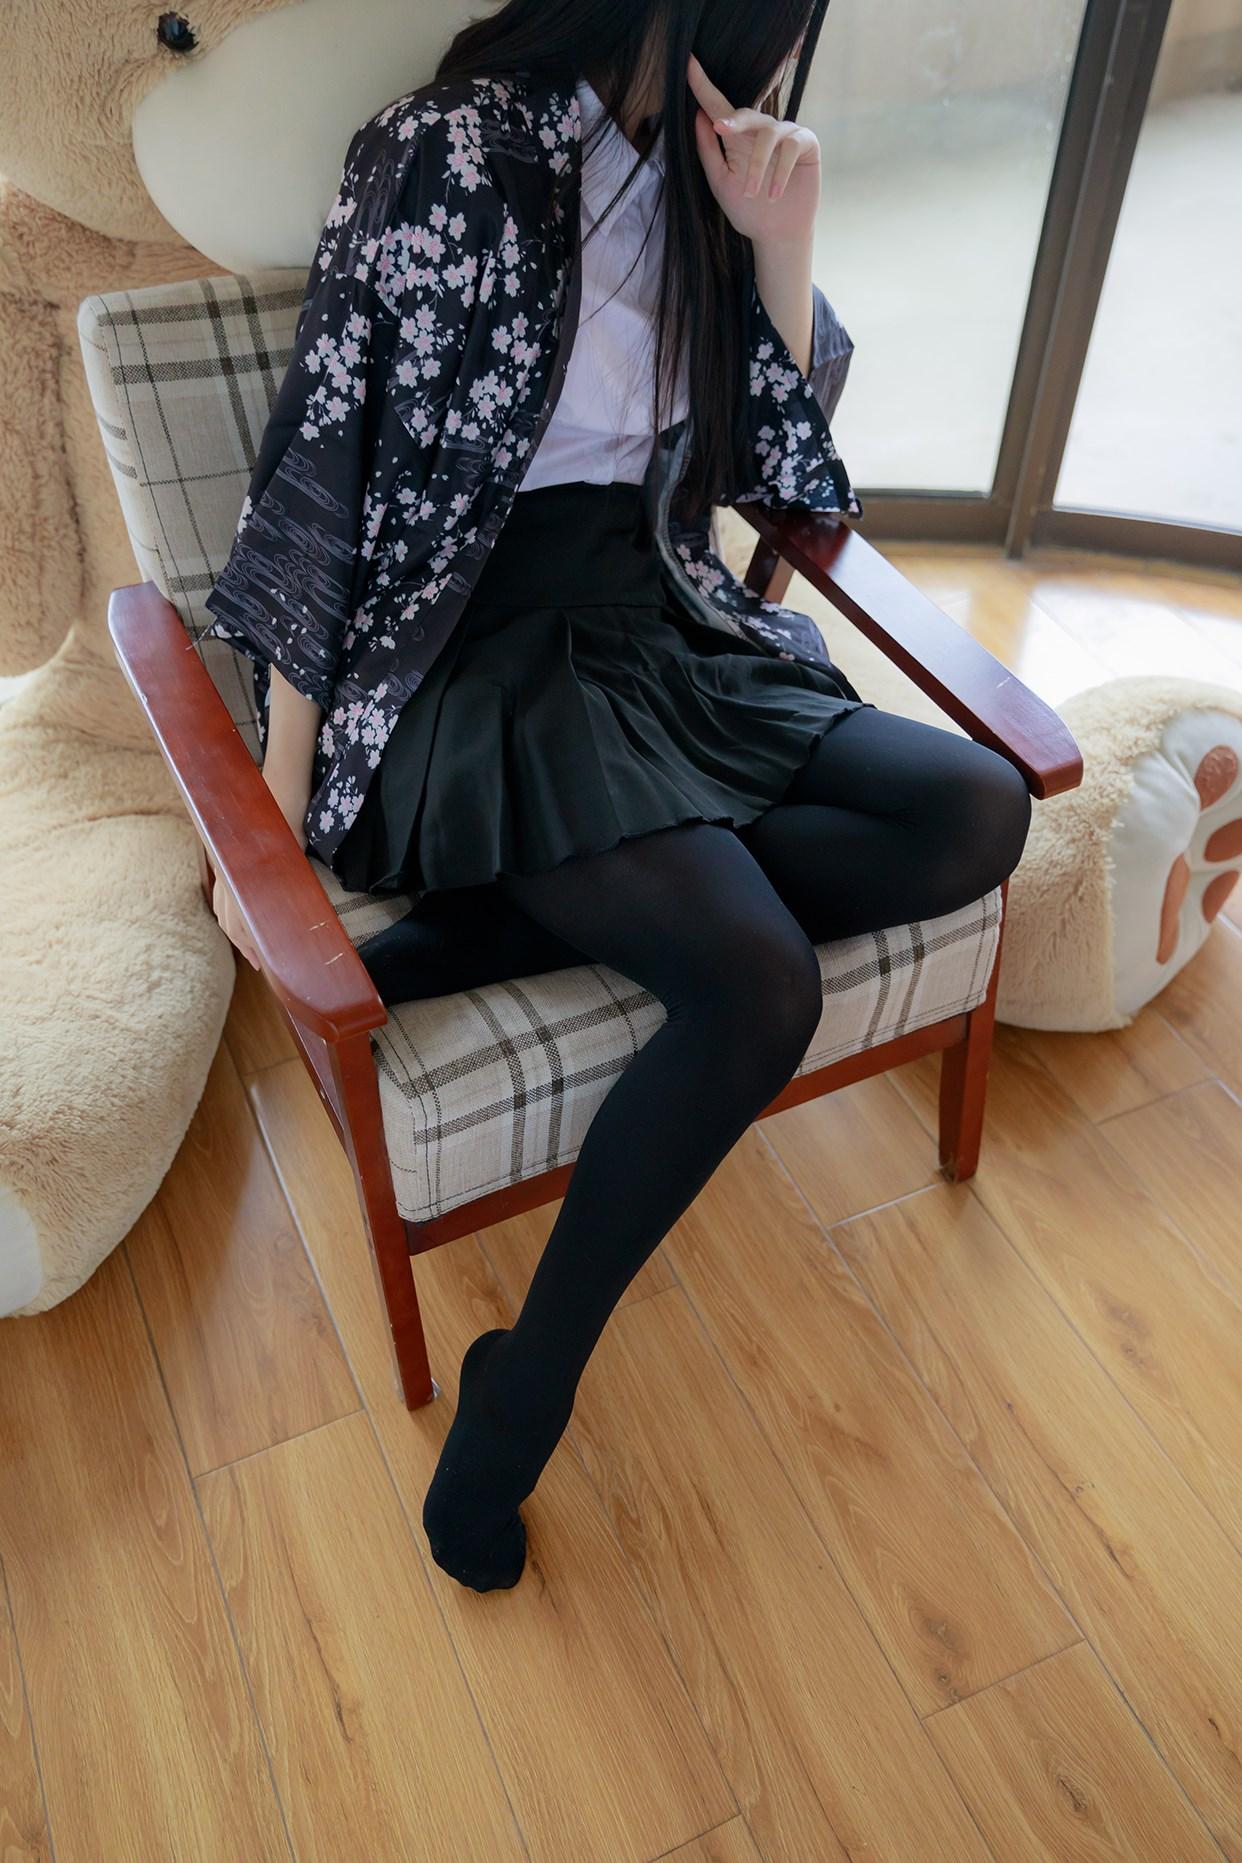 【兔玩映画】椅上的黑丝少女 兔玩映画 第20张